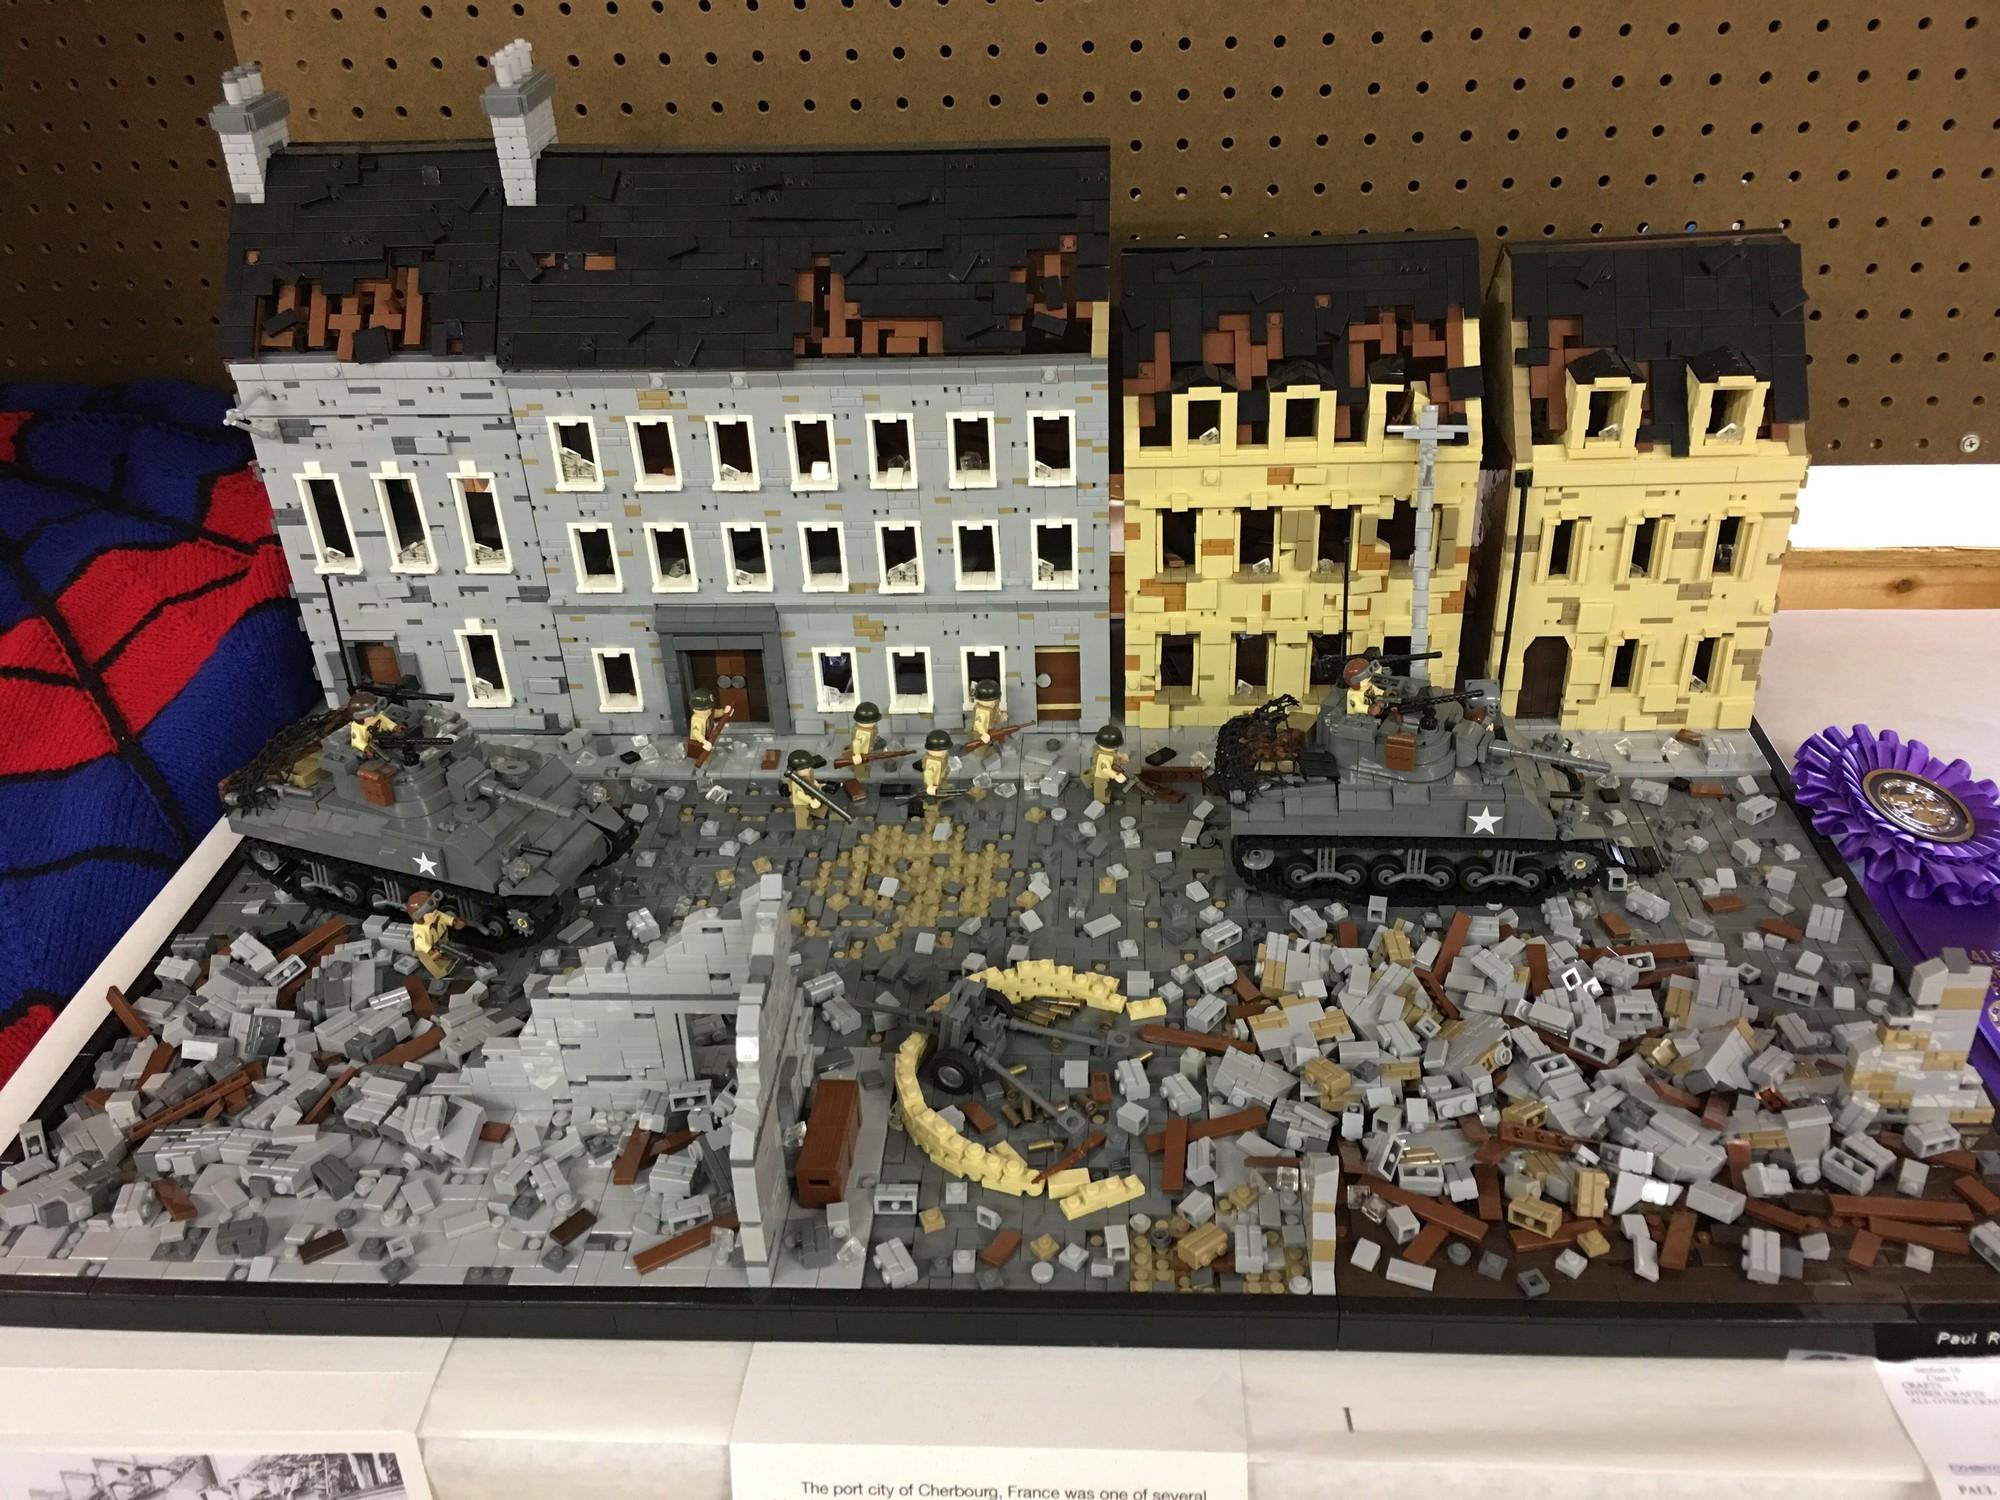 Ngắm 15 công trình LEGO tỉ mỉ khiến cả người không chơi cũng mê tít - Ảnh 11.